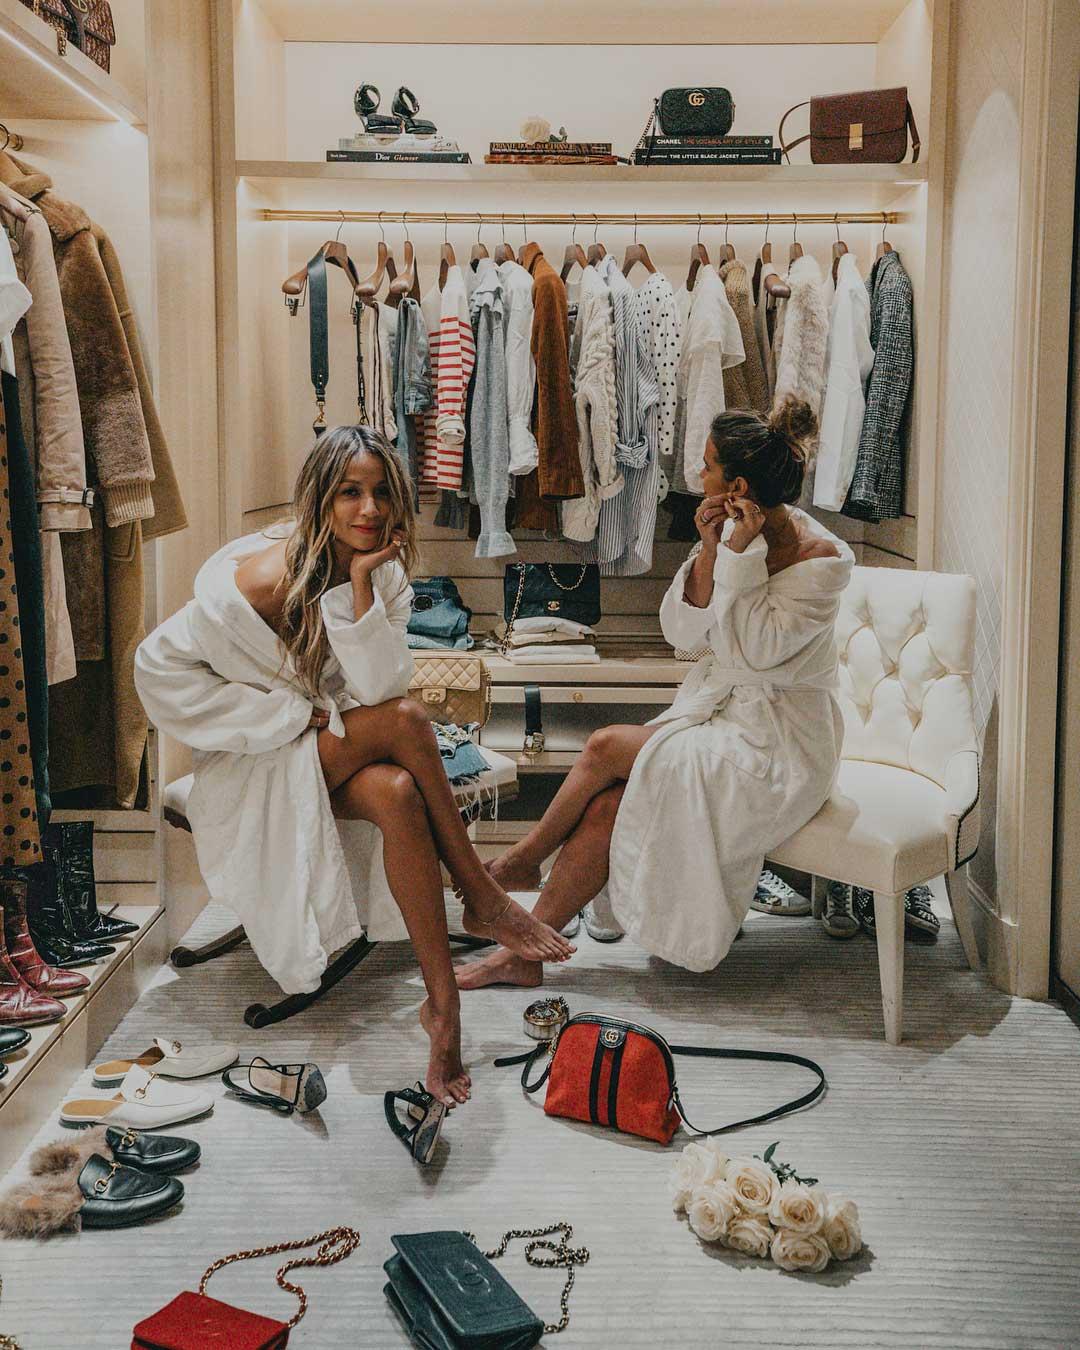 bí quyết quản lý tủ quần áo bằng cách trao đổi với bạn bè